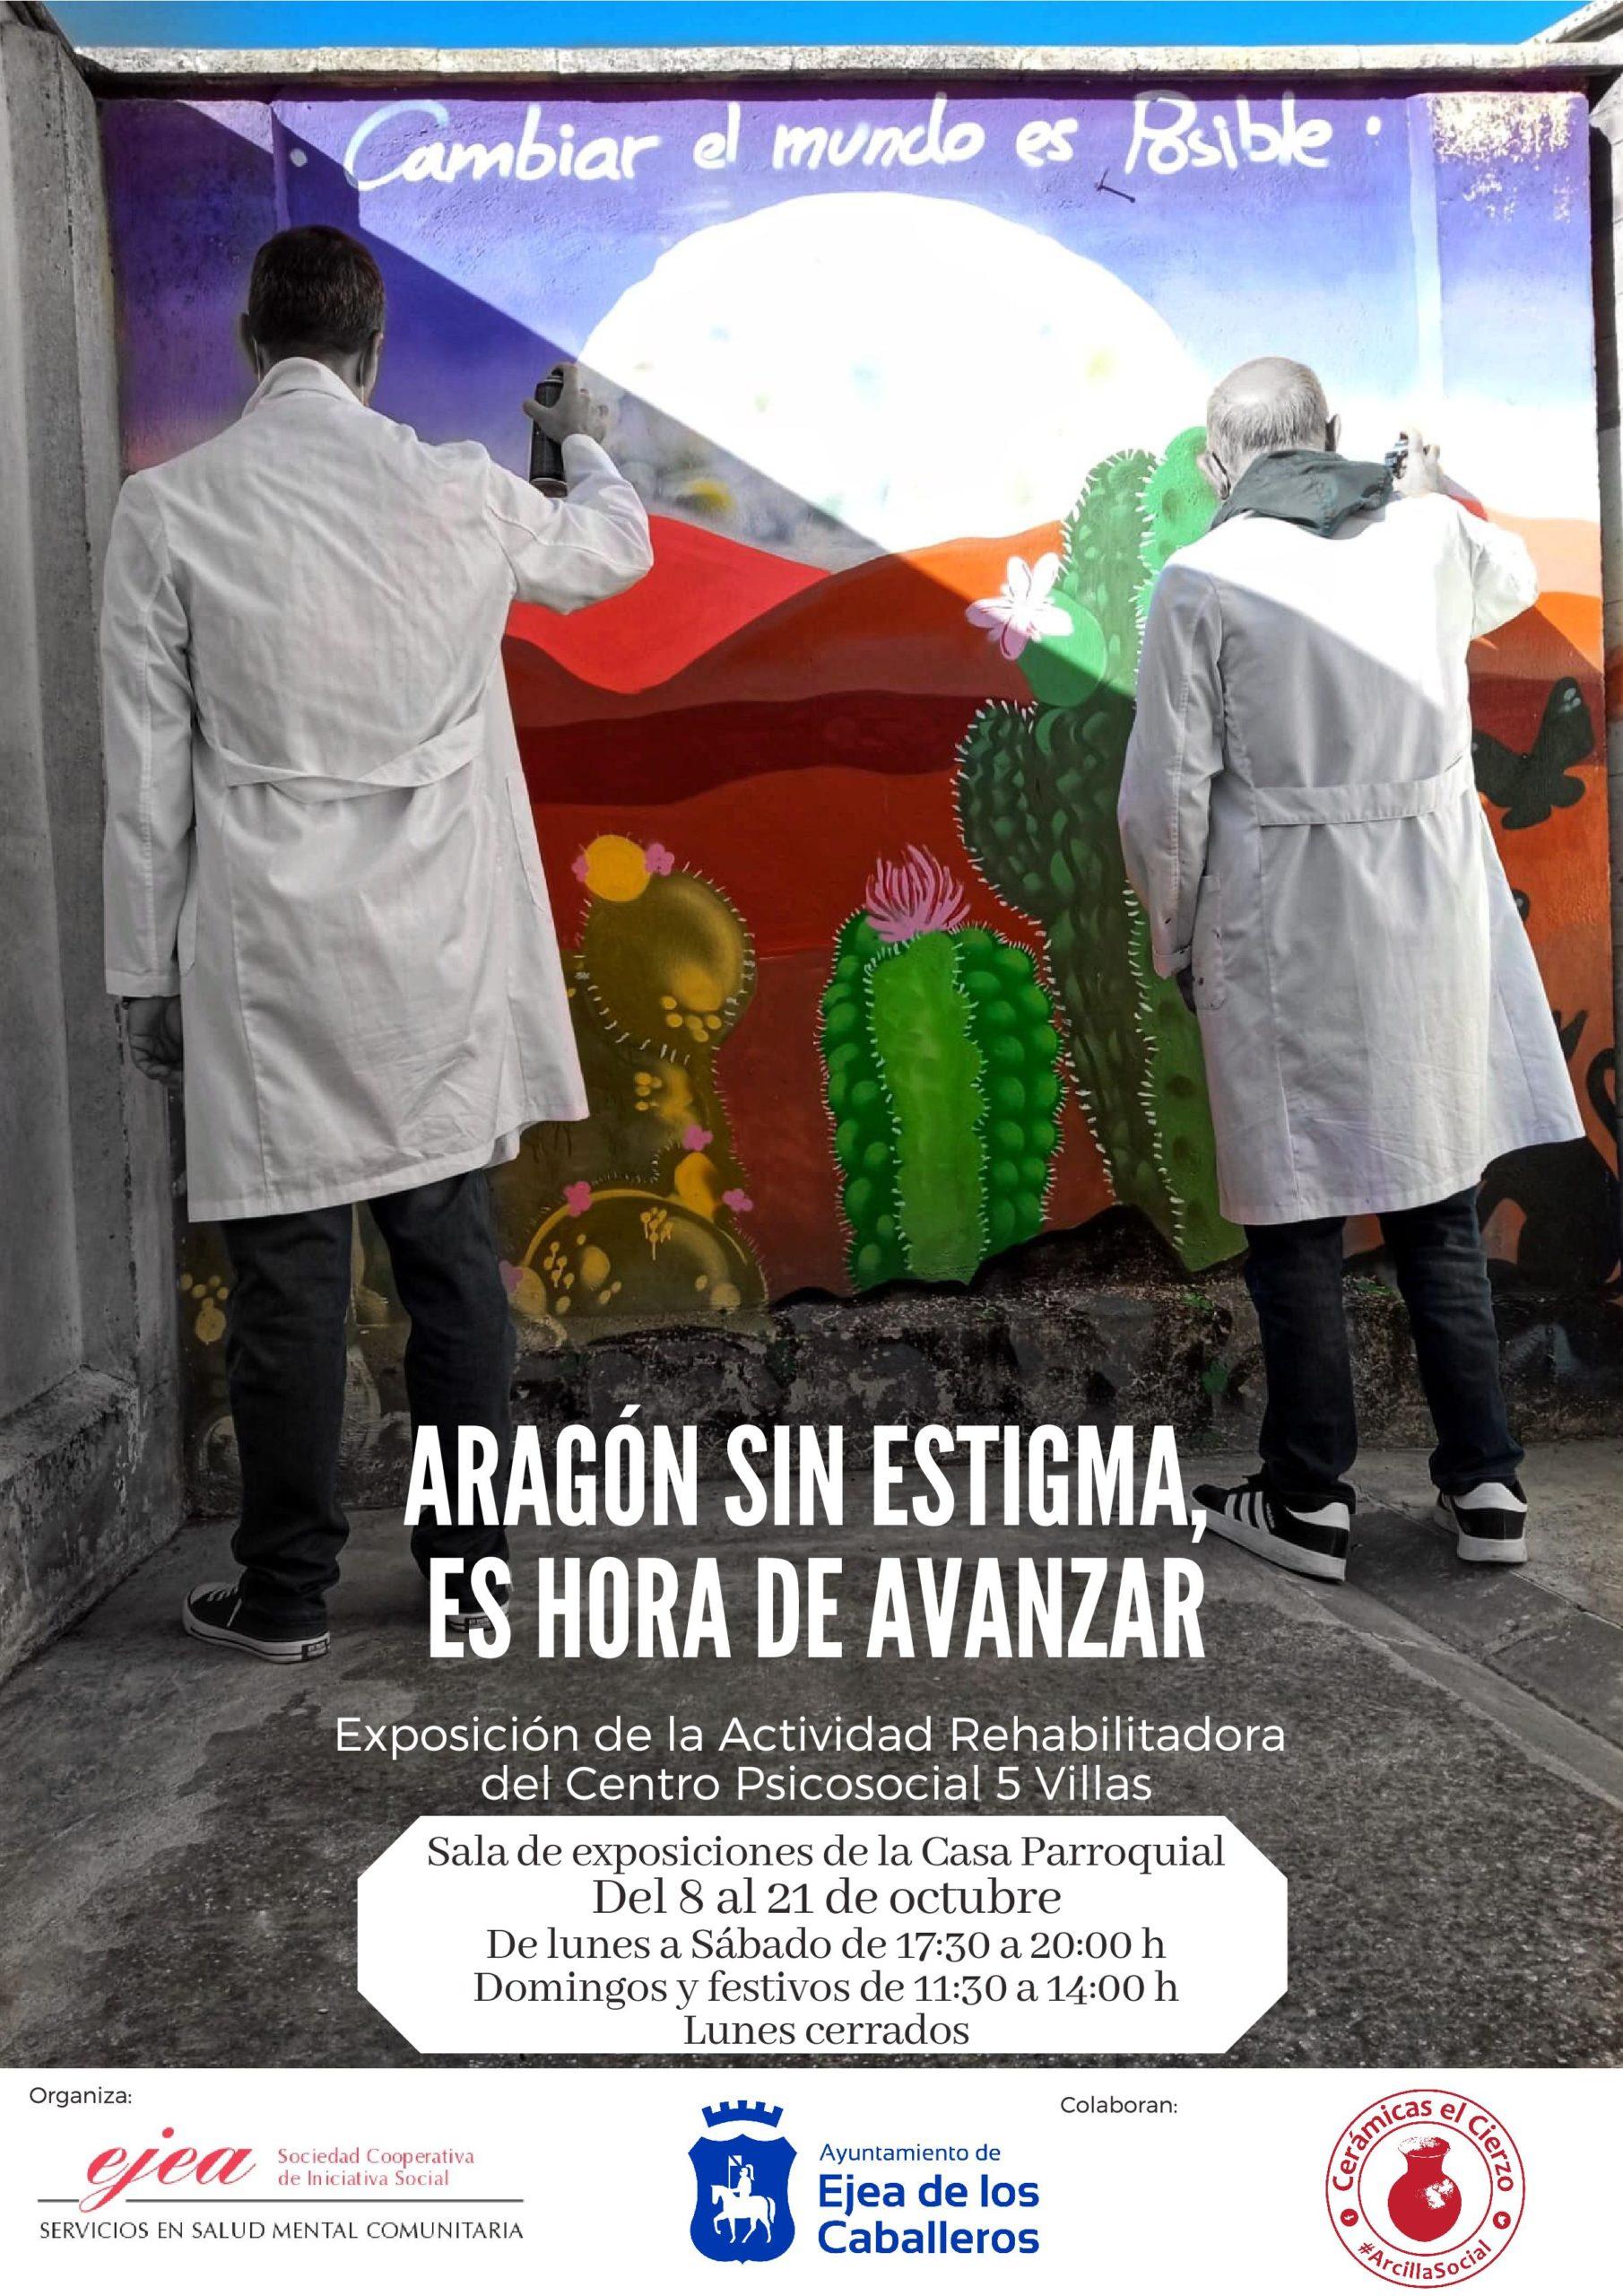 """En este momento estás viendo """"Aragón sin estigma. Es hora de avanzar"""": Lema de la exposición sobre la actividad rehabilitadora del Centro Psicosocial 5 Villas"""